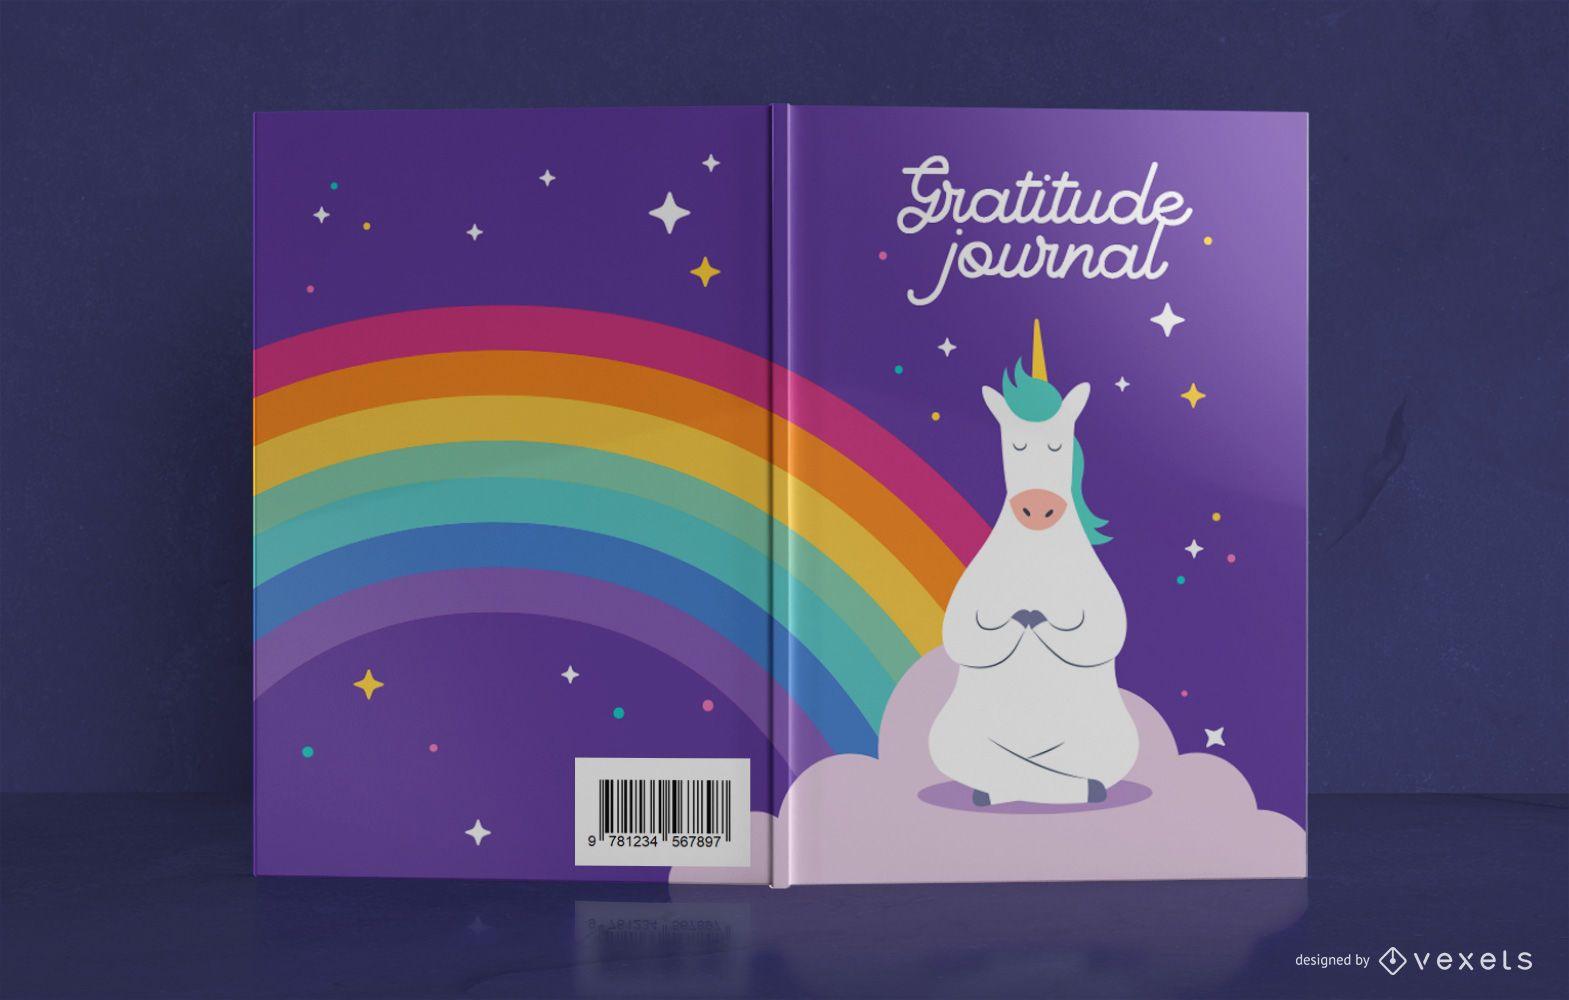 Unicorn Gratitude Journal Book Cover Design